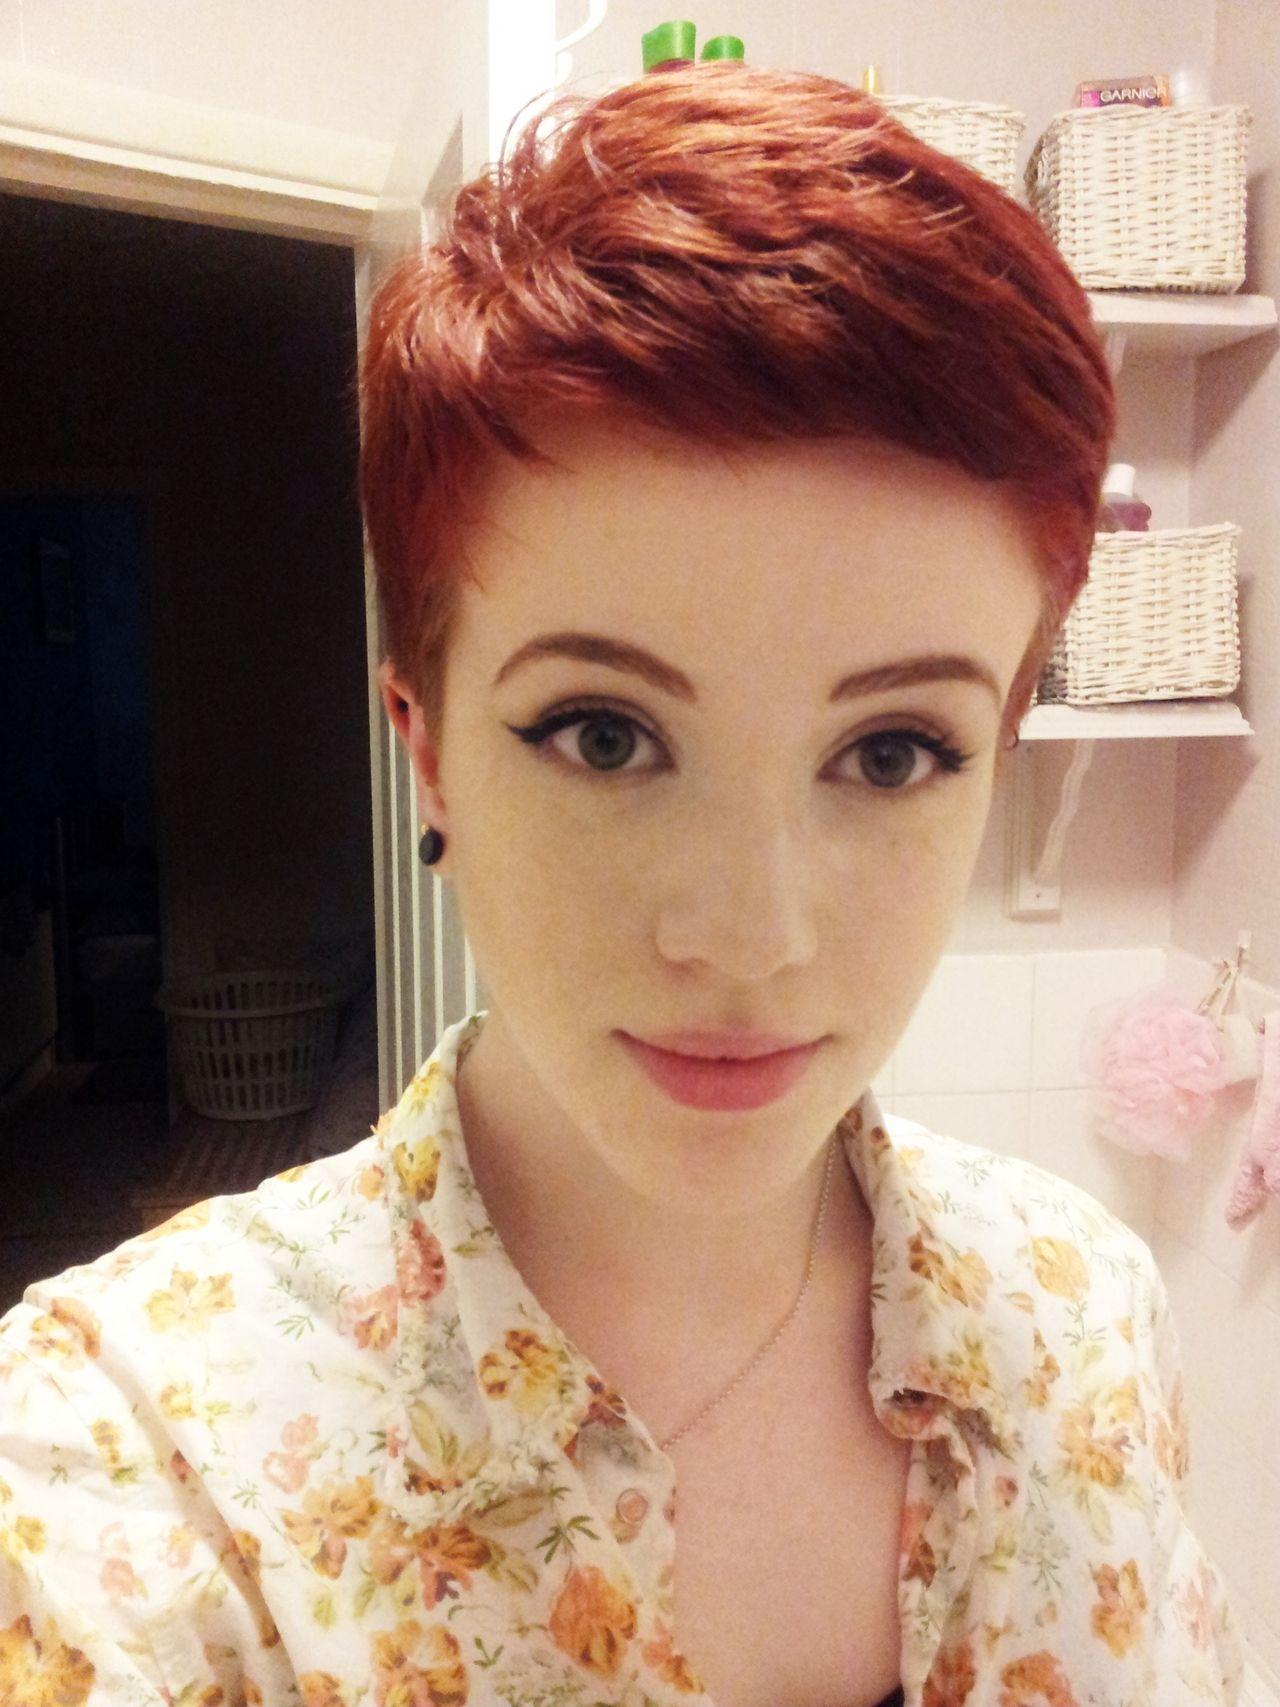 I Love This Cute Pixie Cut She Has Such A Pretty Red Hair